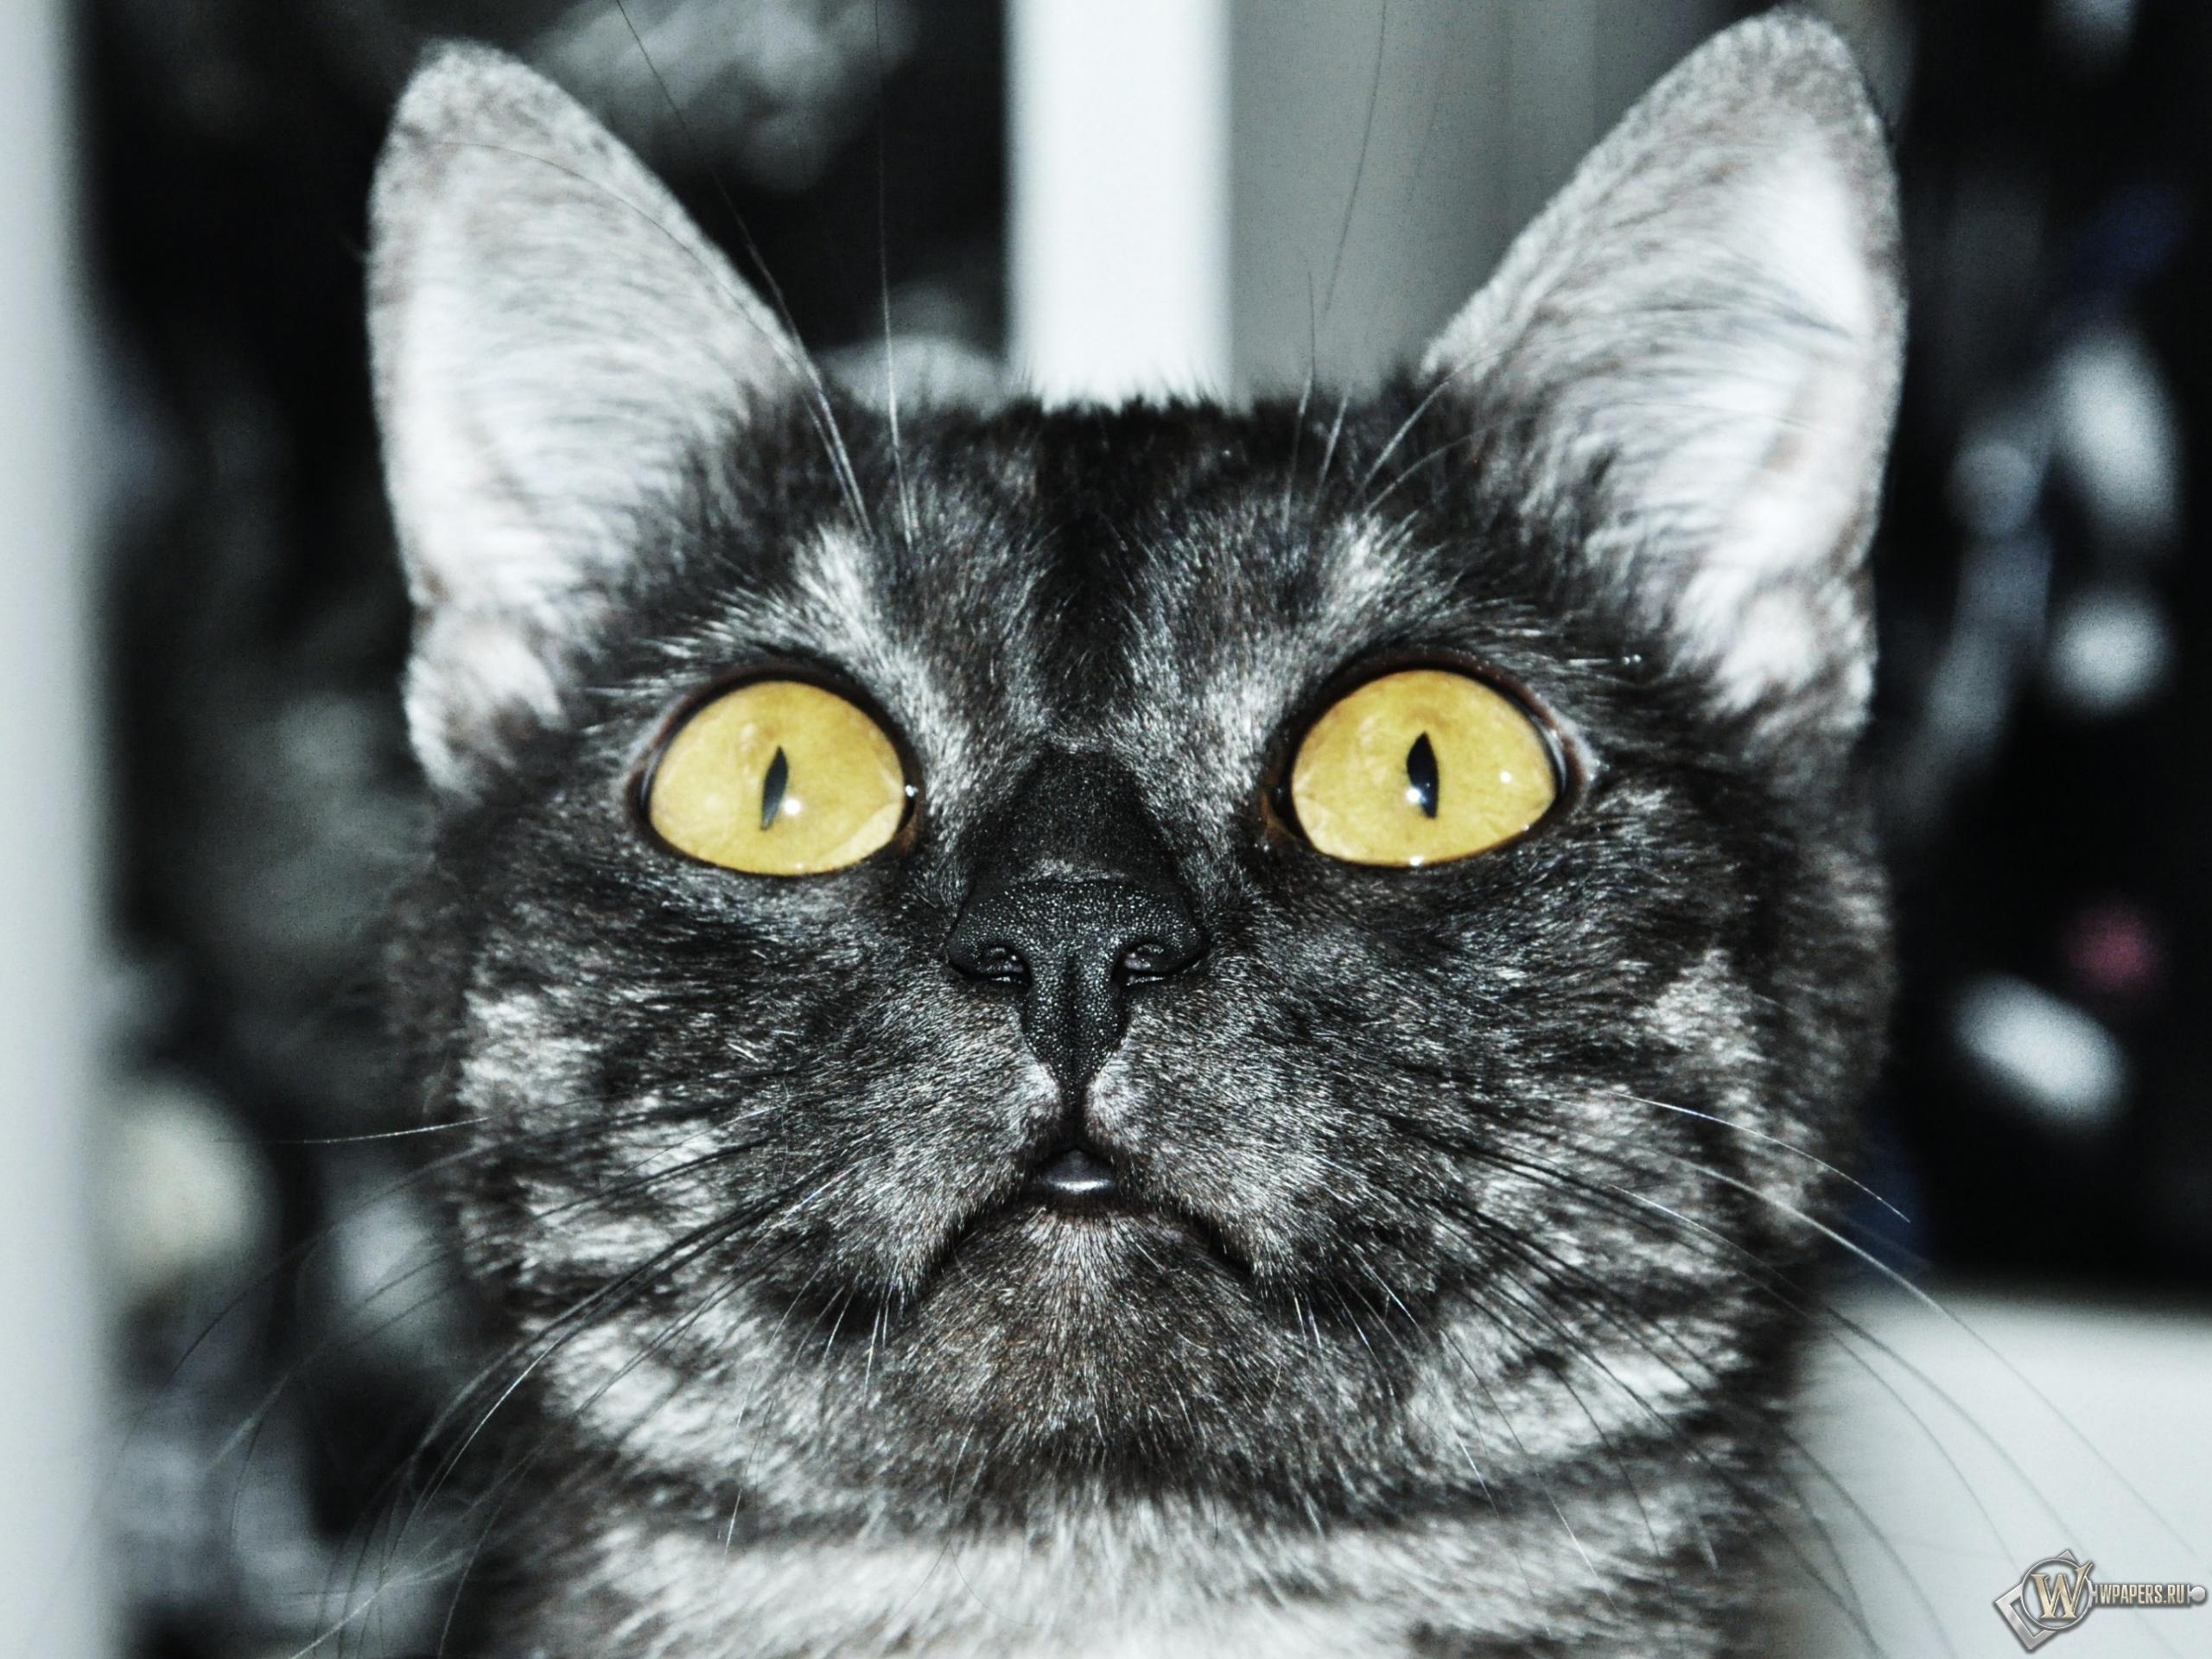 Кот смотрит вверх 2560x1920